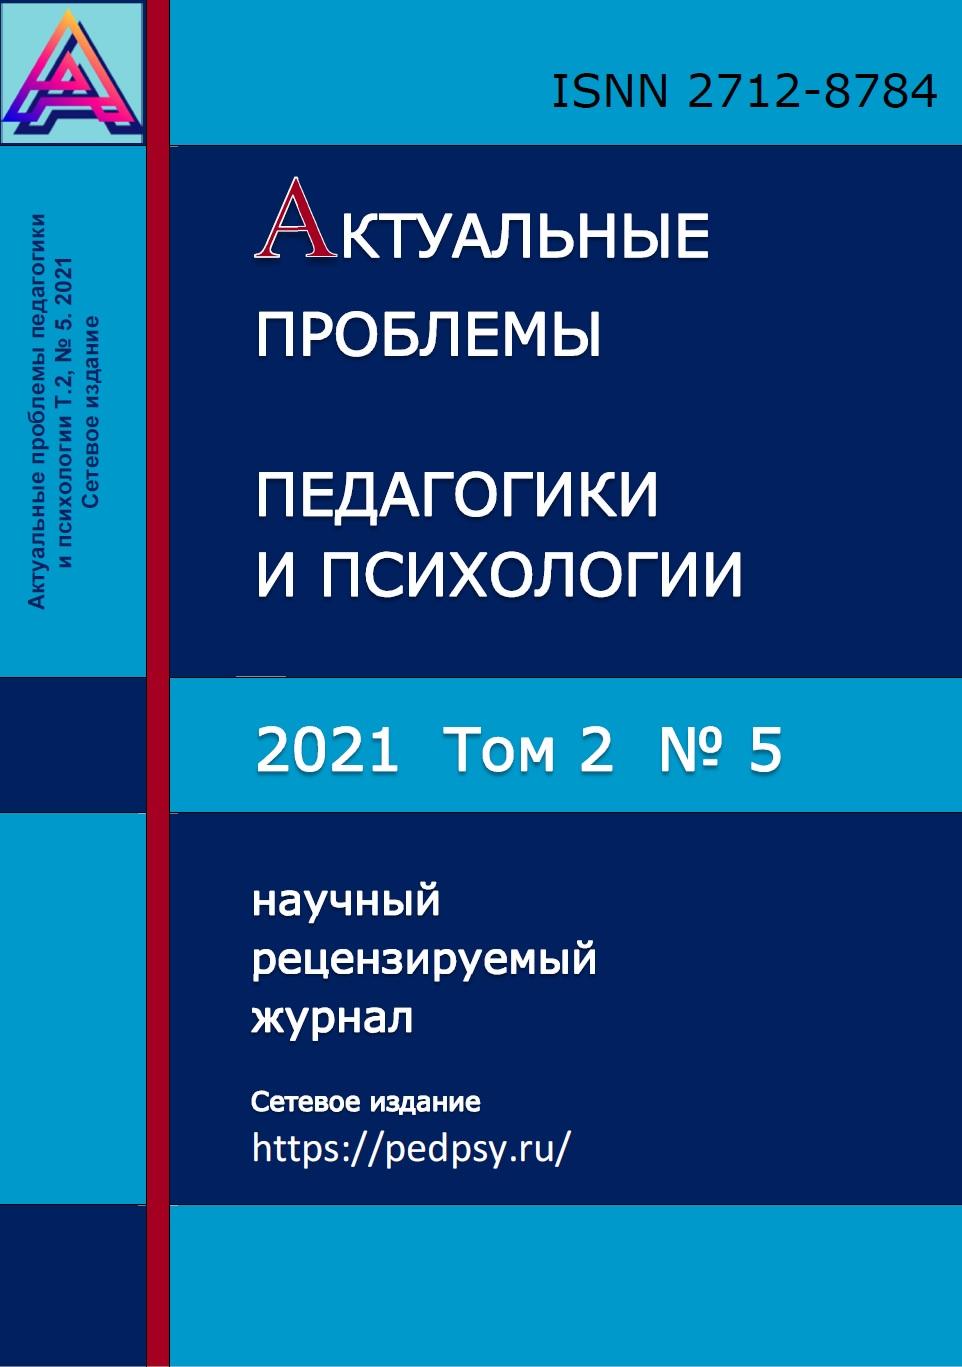 Показать Том 2 № 5 (2021): Актуальные проблемы педагогики и психологии